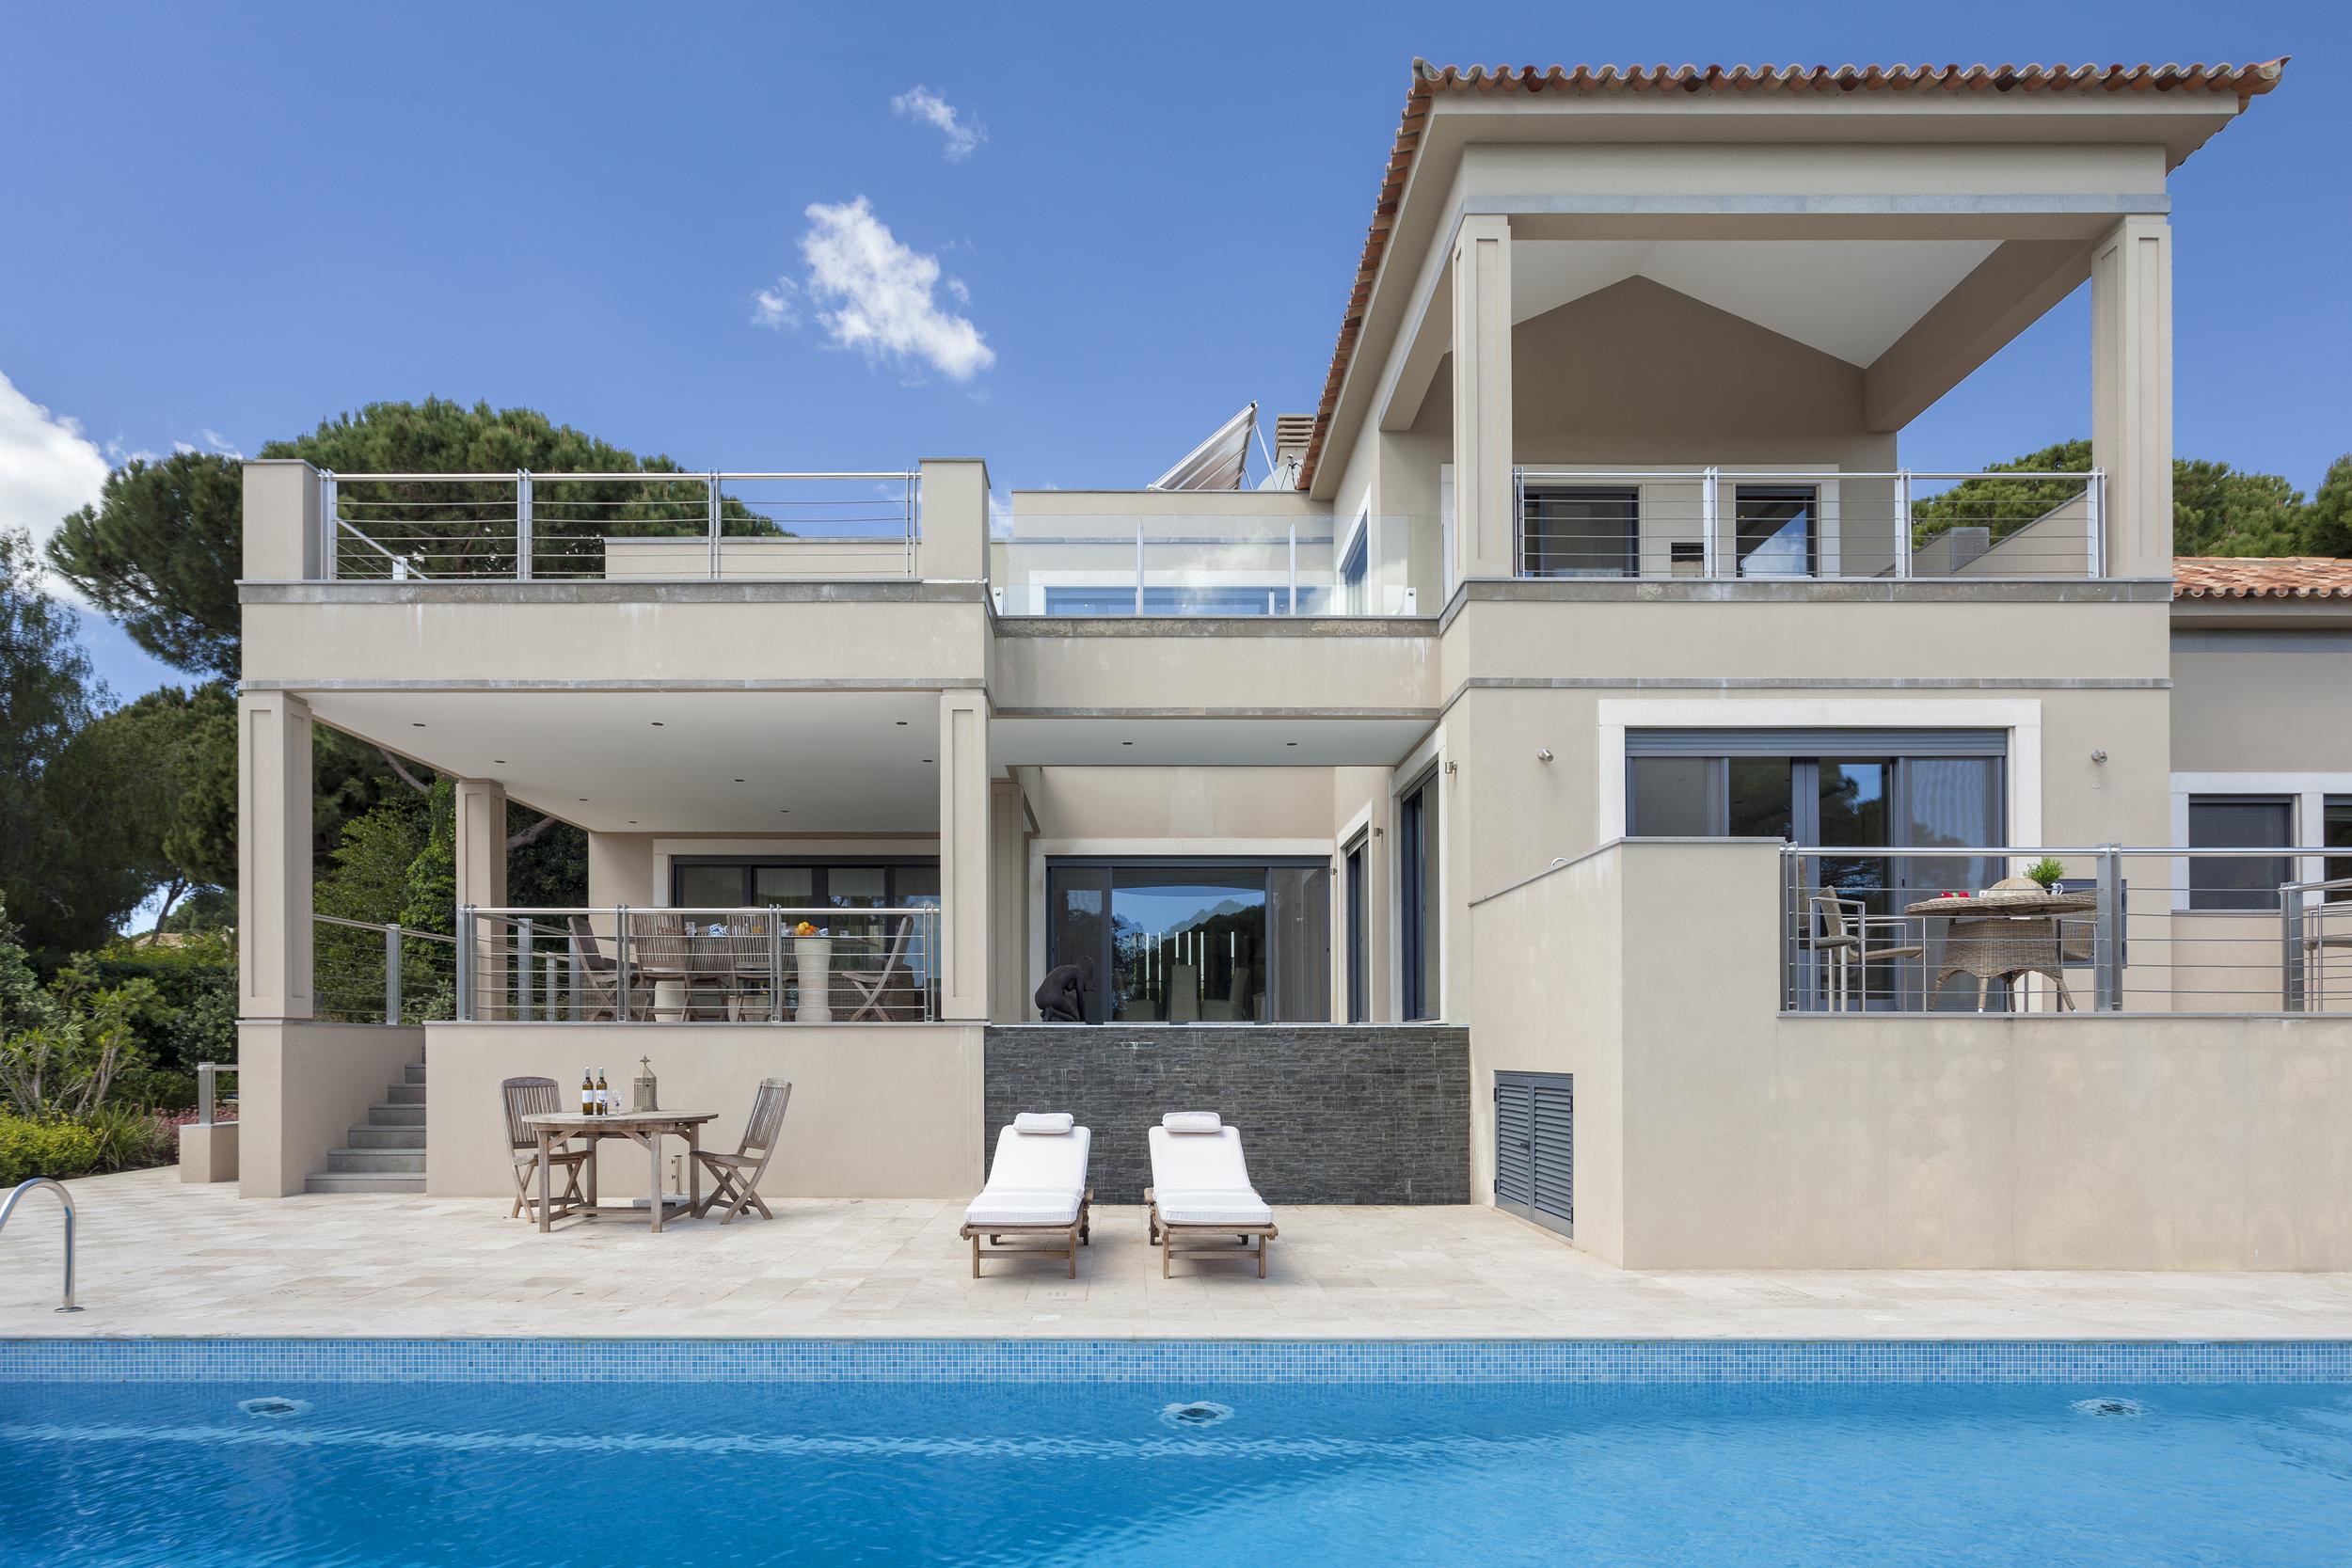 4 bedroom villa to rent in Quinta do Lago, RLV, Villa Serpentine,4.jpg